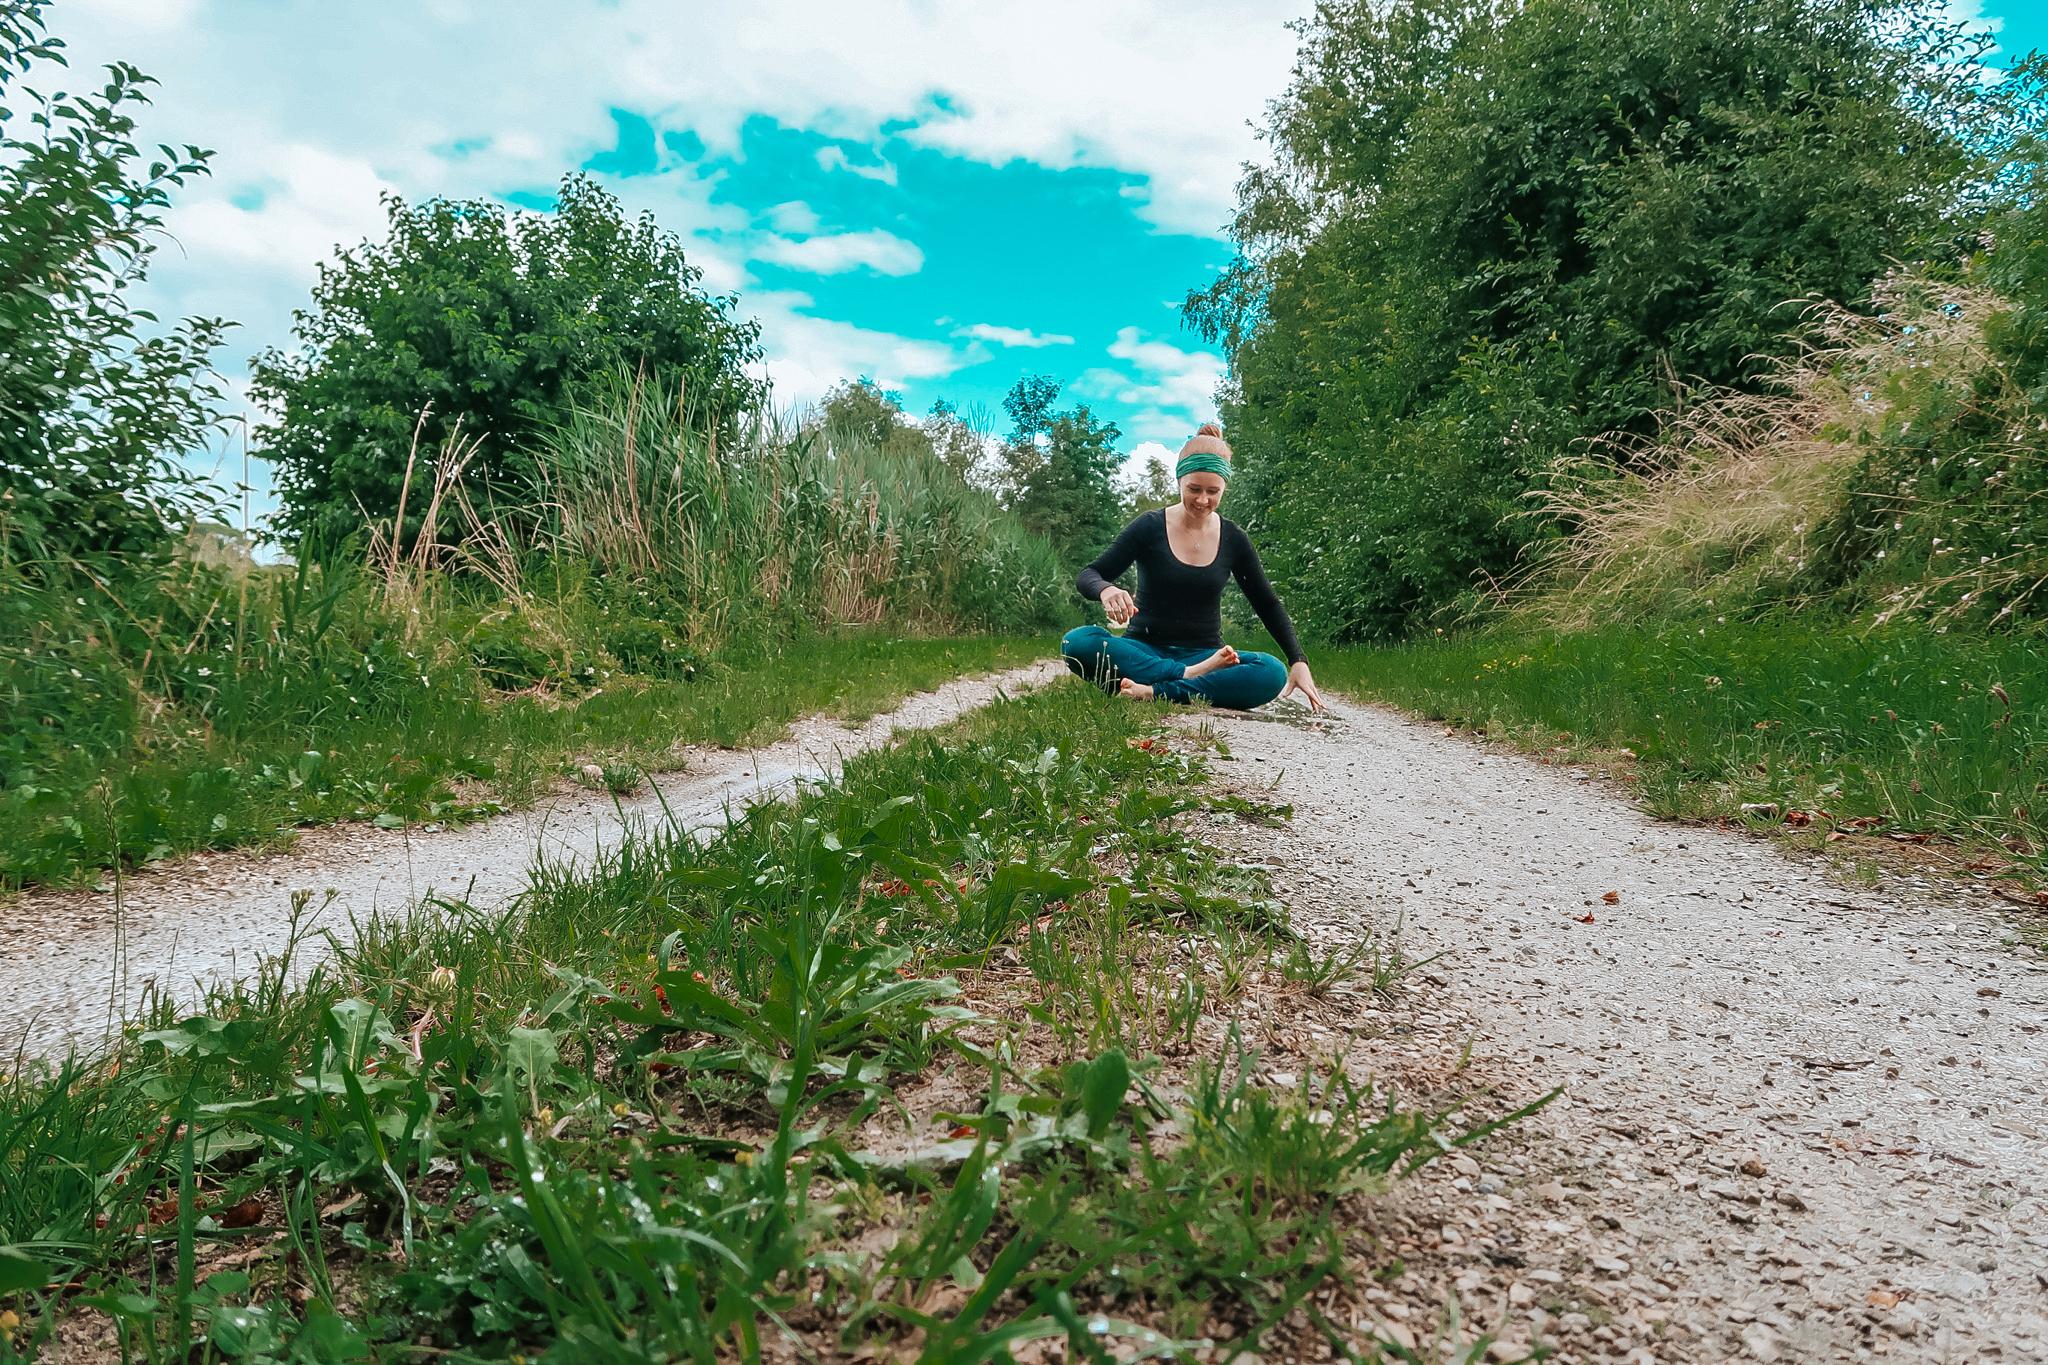 074|Die 3 größten Fehler beim Meditieren und wie du sie löst